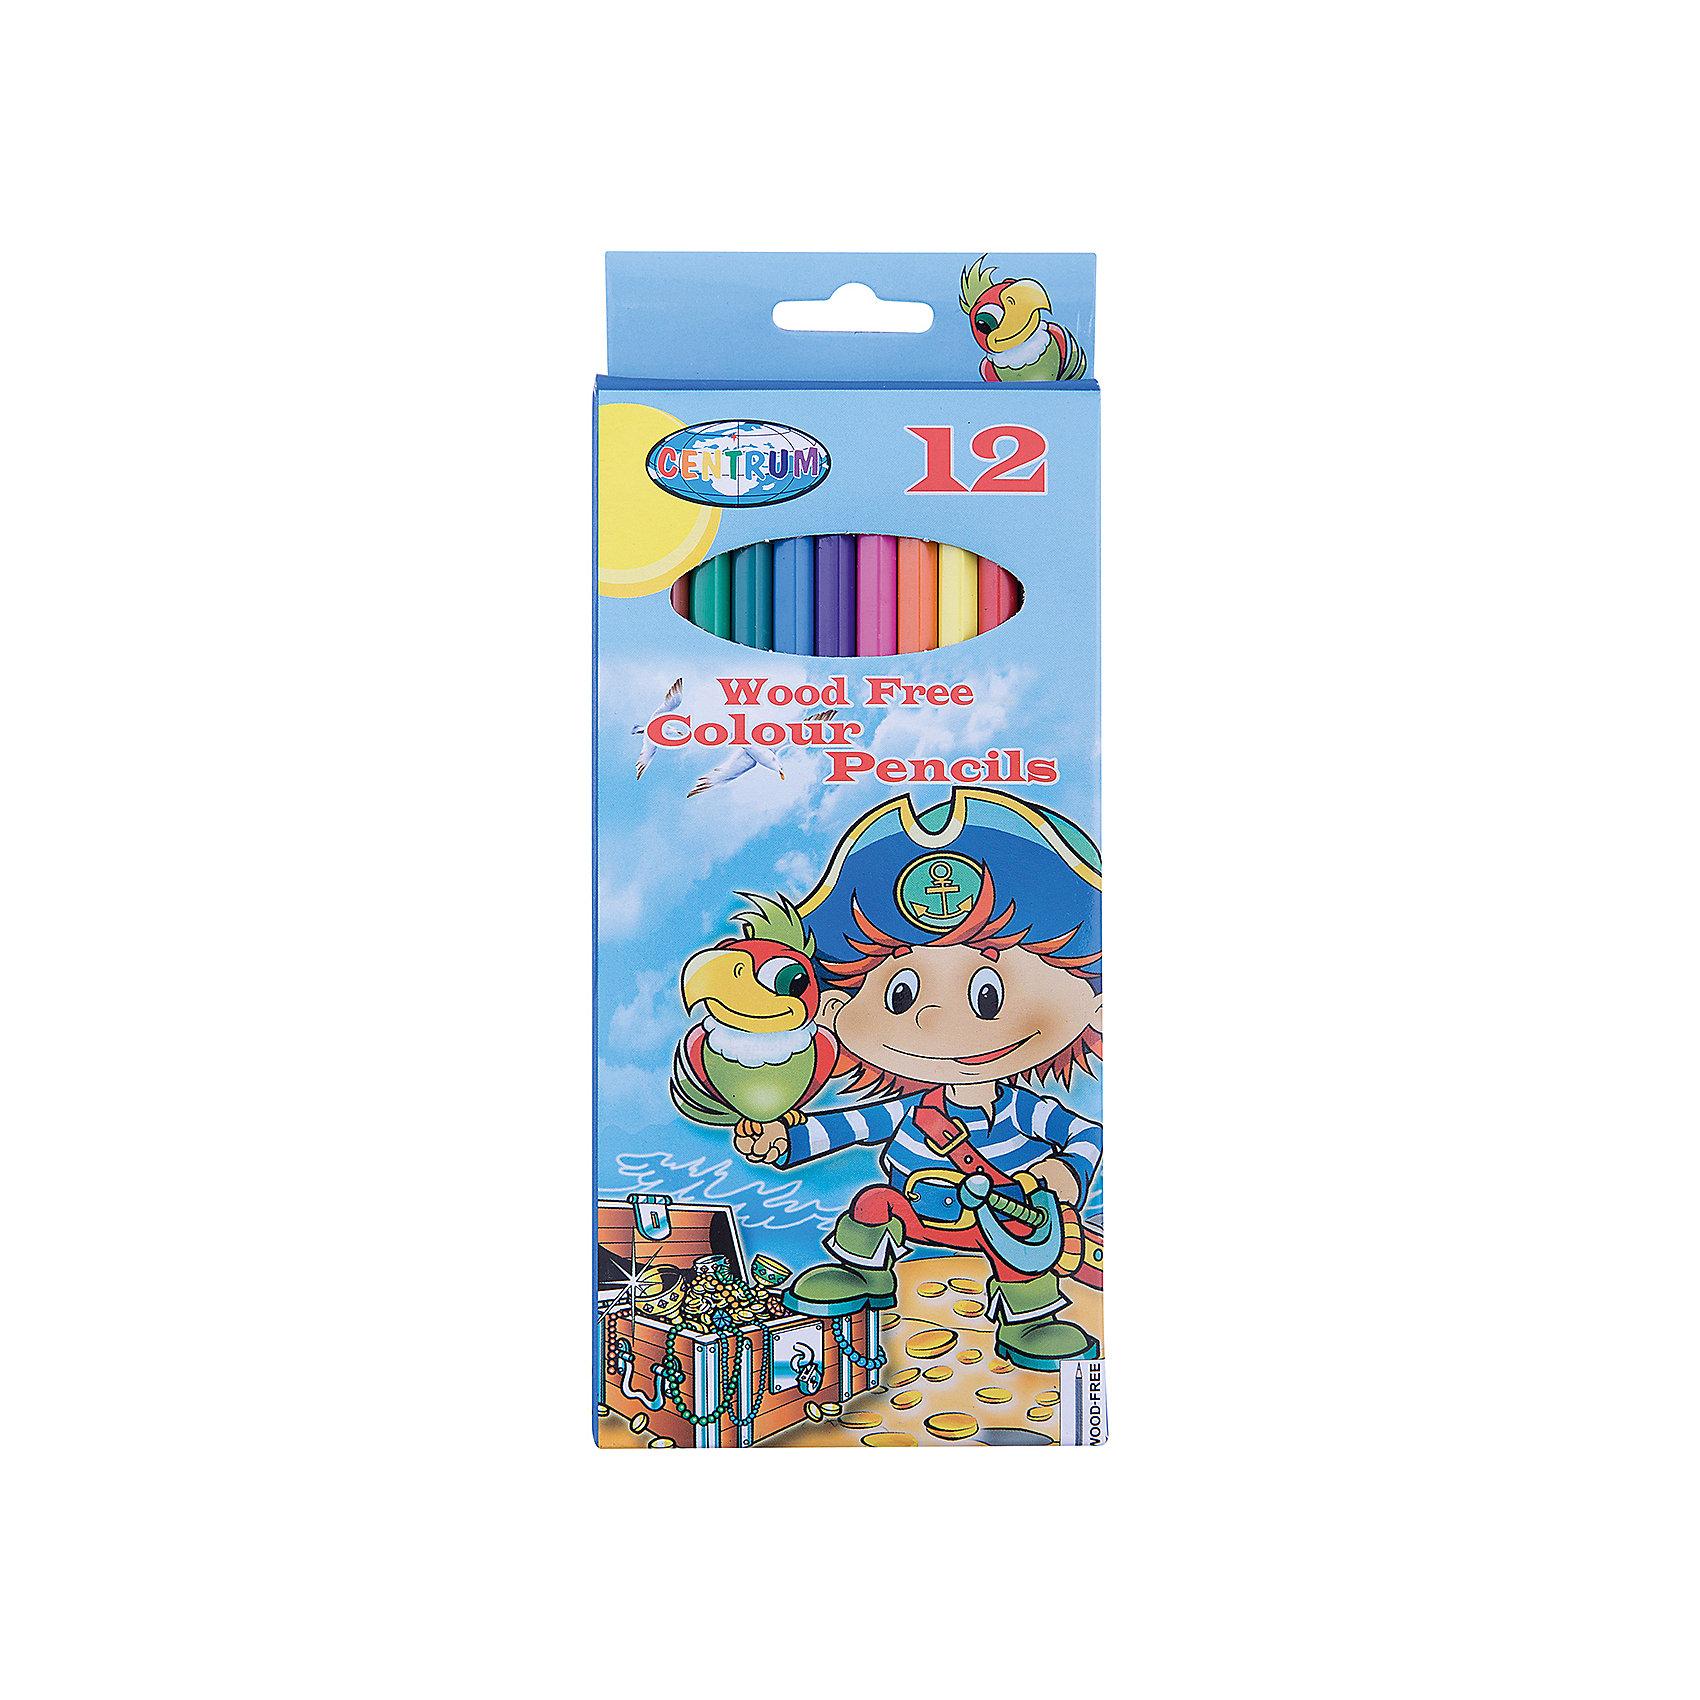 Длинные цветные карандаши Пират 12 цветовЦветные карандаши<br>Длинные цветные карандаши Пират 12 цветов<br><br>Характеристики:<br><br>- в набор входит: 12 карандашей <br>- состав: пластик картон<br>- длина карандашей: 17,7 см. <br>- размер упаковки: 24 * 1 * 12 см.<br>- для детей в возрасте: от 3 до 10 лет<br>- страна производитель: Китай<br><br>Набор цветных карандашей с рисунком озорного пирата понравится мальчишкам. Немецкая компания Centrum (Центрум) специализируется на товарах для детского творчества и развития. Яркая коробочка выполнена из картона и отлично вмещает все карандаши, не позволяя им разбегаться по столу или школьному ранцу. Сами карандаши выполнены из пластика, уже заточены, имеют мягкую структуру грифеля и рисуют яркие линии без сильного нажатия. Классические двенадцать цветов помогут нарисовать самый лучший шедевр и просто отлично провести время. Рисование карандашами разрабатывает моторику ручек, творческие способности, успокаивает, помогает развить аккуратность и внимание. <br><br>Длинные цветные карандаши Пират 12 цветов можно купить в нашем интернет-магазине.<br><br>Ширина мм: 10<br>Глубина мм: 90<br>Высота мм: 205<br>Вес г: 94<br>Возраст от месяцев: 36<br>Возраст до месяцев: 120<br>Пол: Мужской<br>Возраст: Детский<br>SKU: 5175447